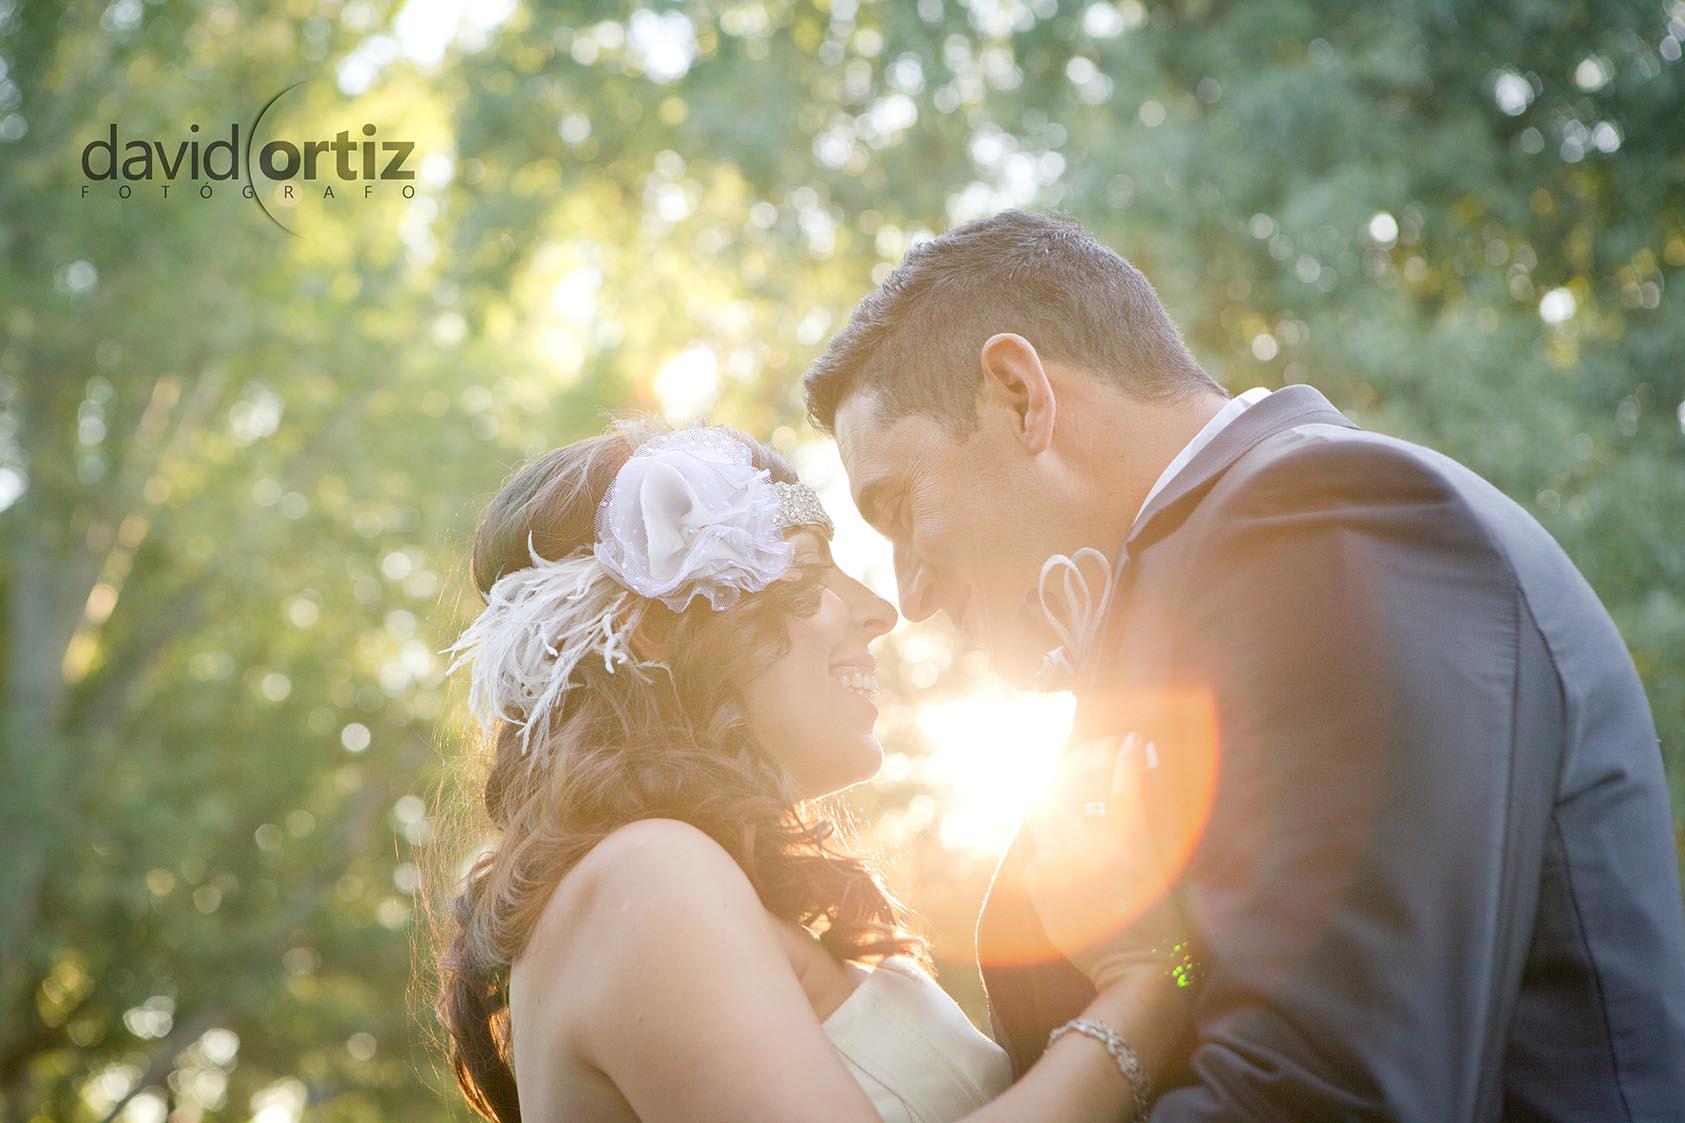 Fotografía y reportaje de la boda de Israely Eva, realizado por David Ortiz Fotógrafo enSalamanca